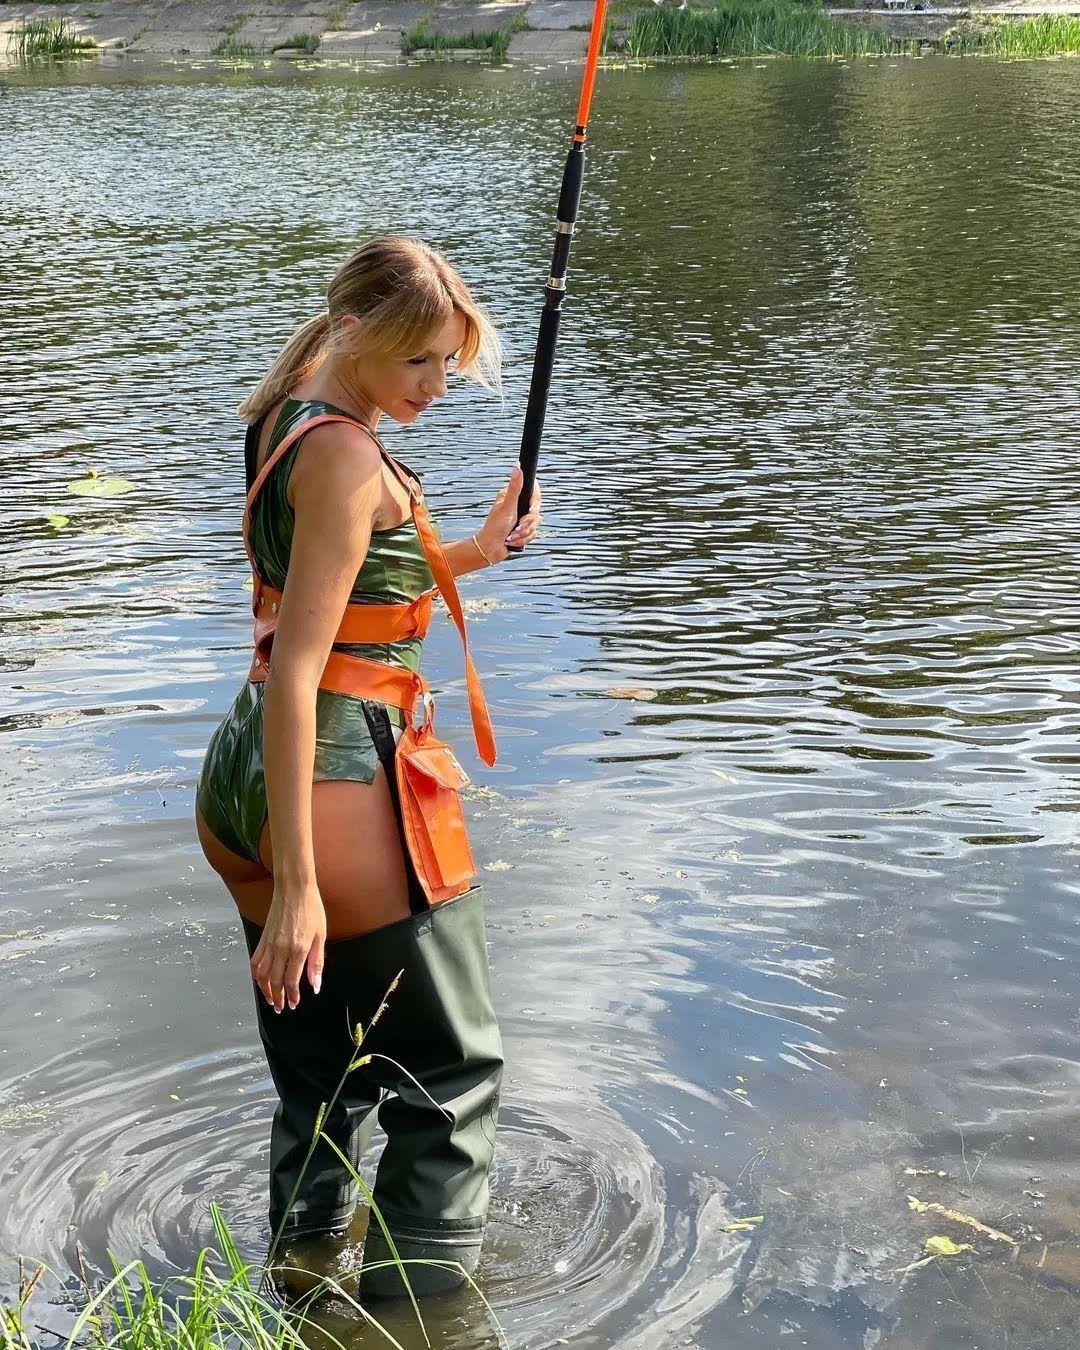 Никитюк позировала в костюме рыбалки